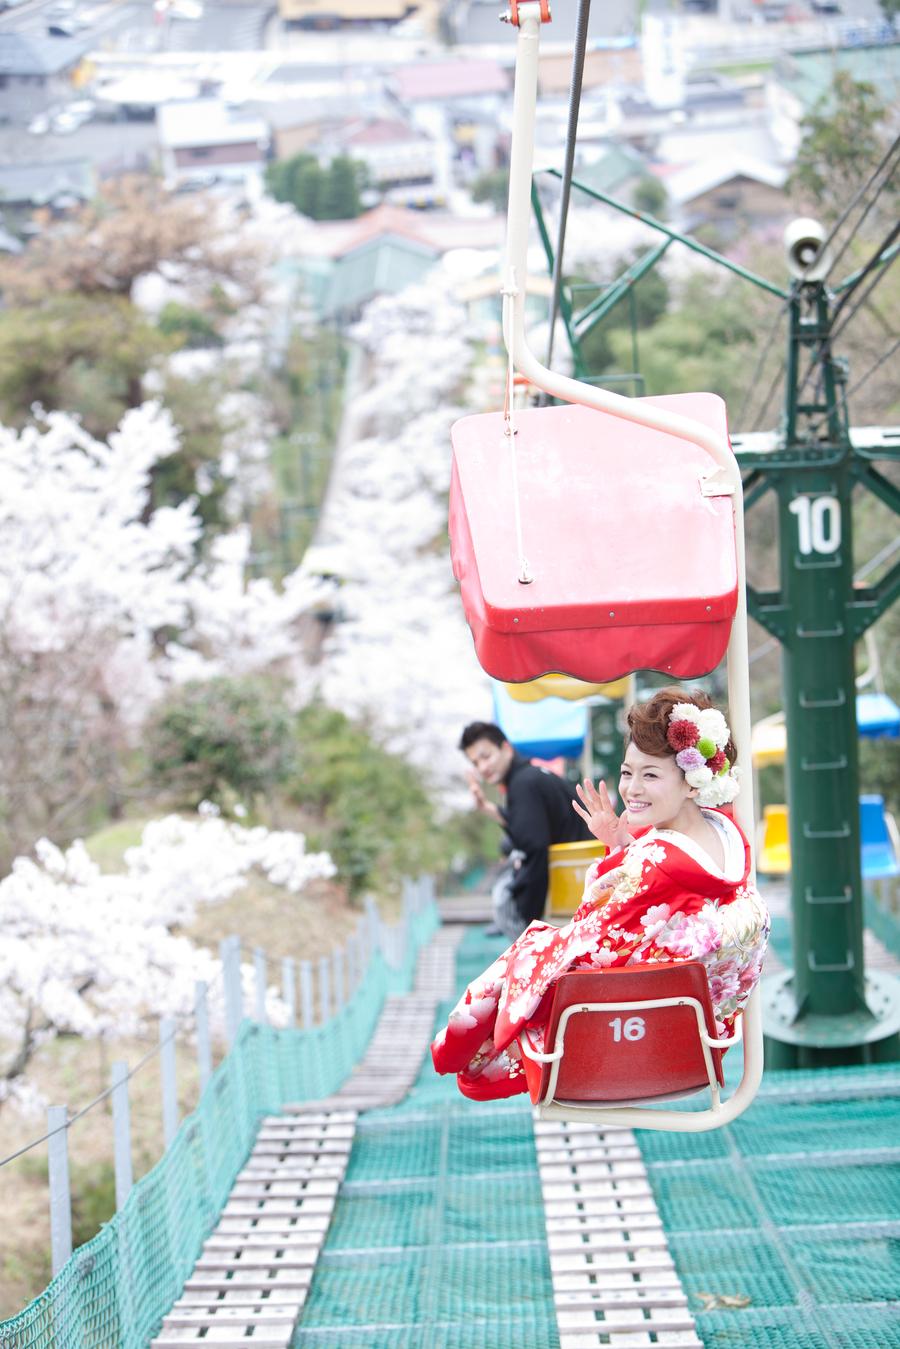 พรีเวดดิ้งด้วยชุดกิโมโนที่อามาโนะฮาชิดาเตะ (Amanohashidate)